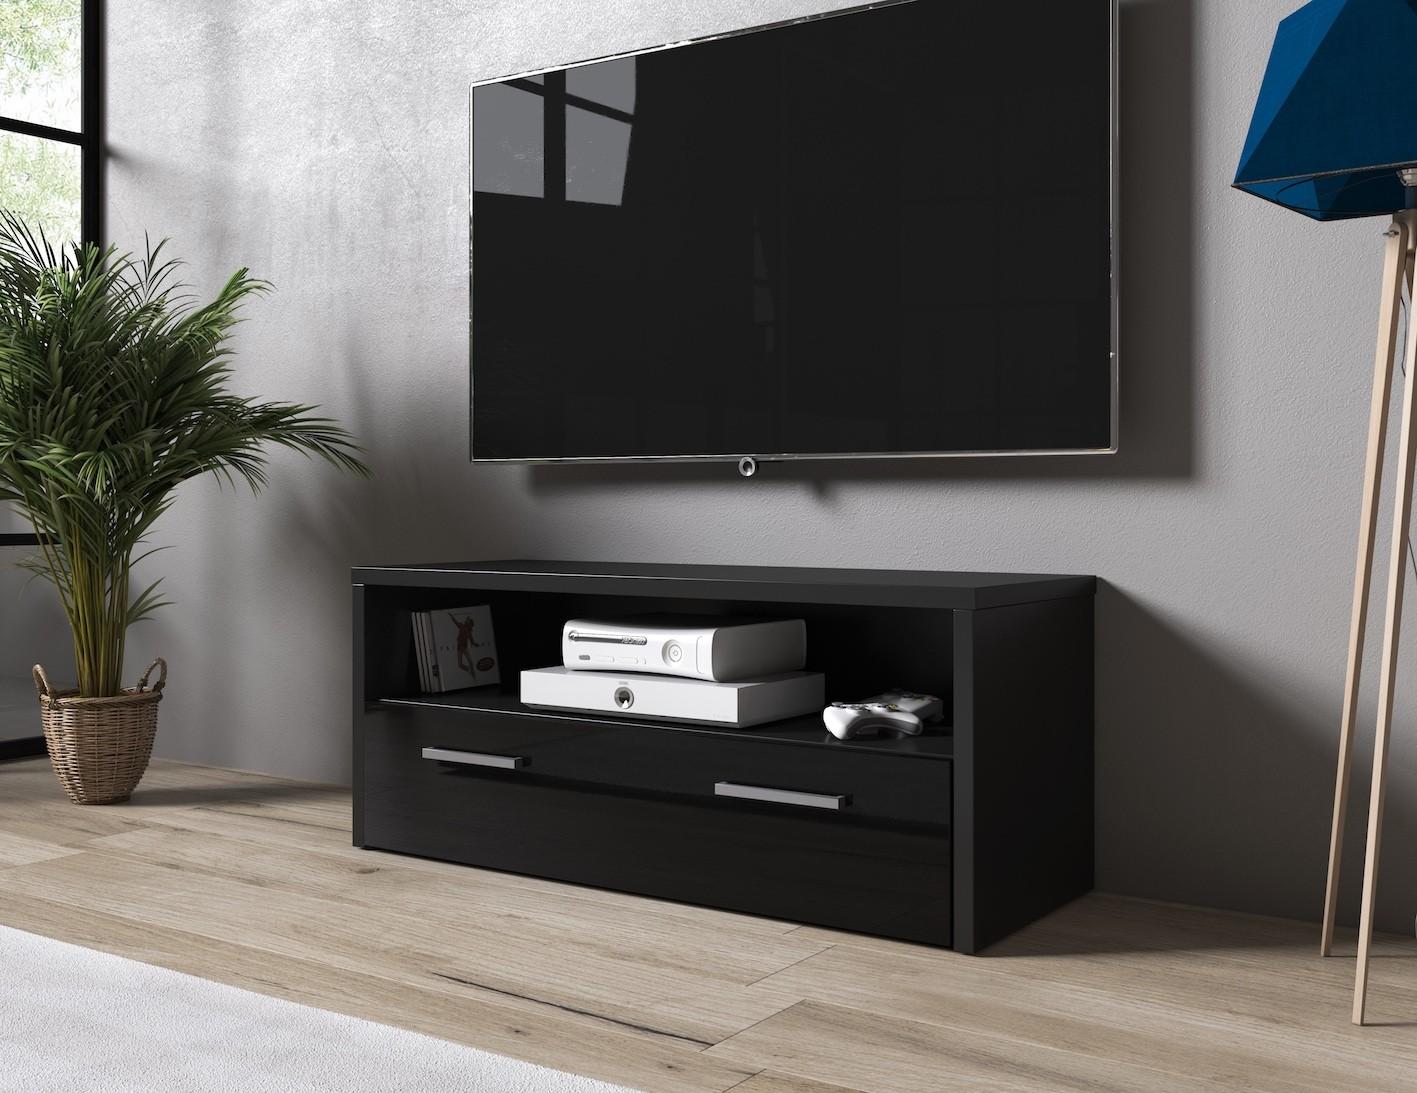 Tv Meubel Zwart Mat.Tv Meubel Trente Zwart 100 Cm Meubella